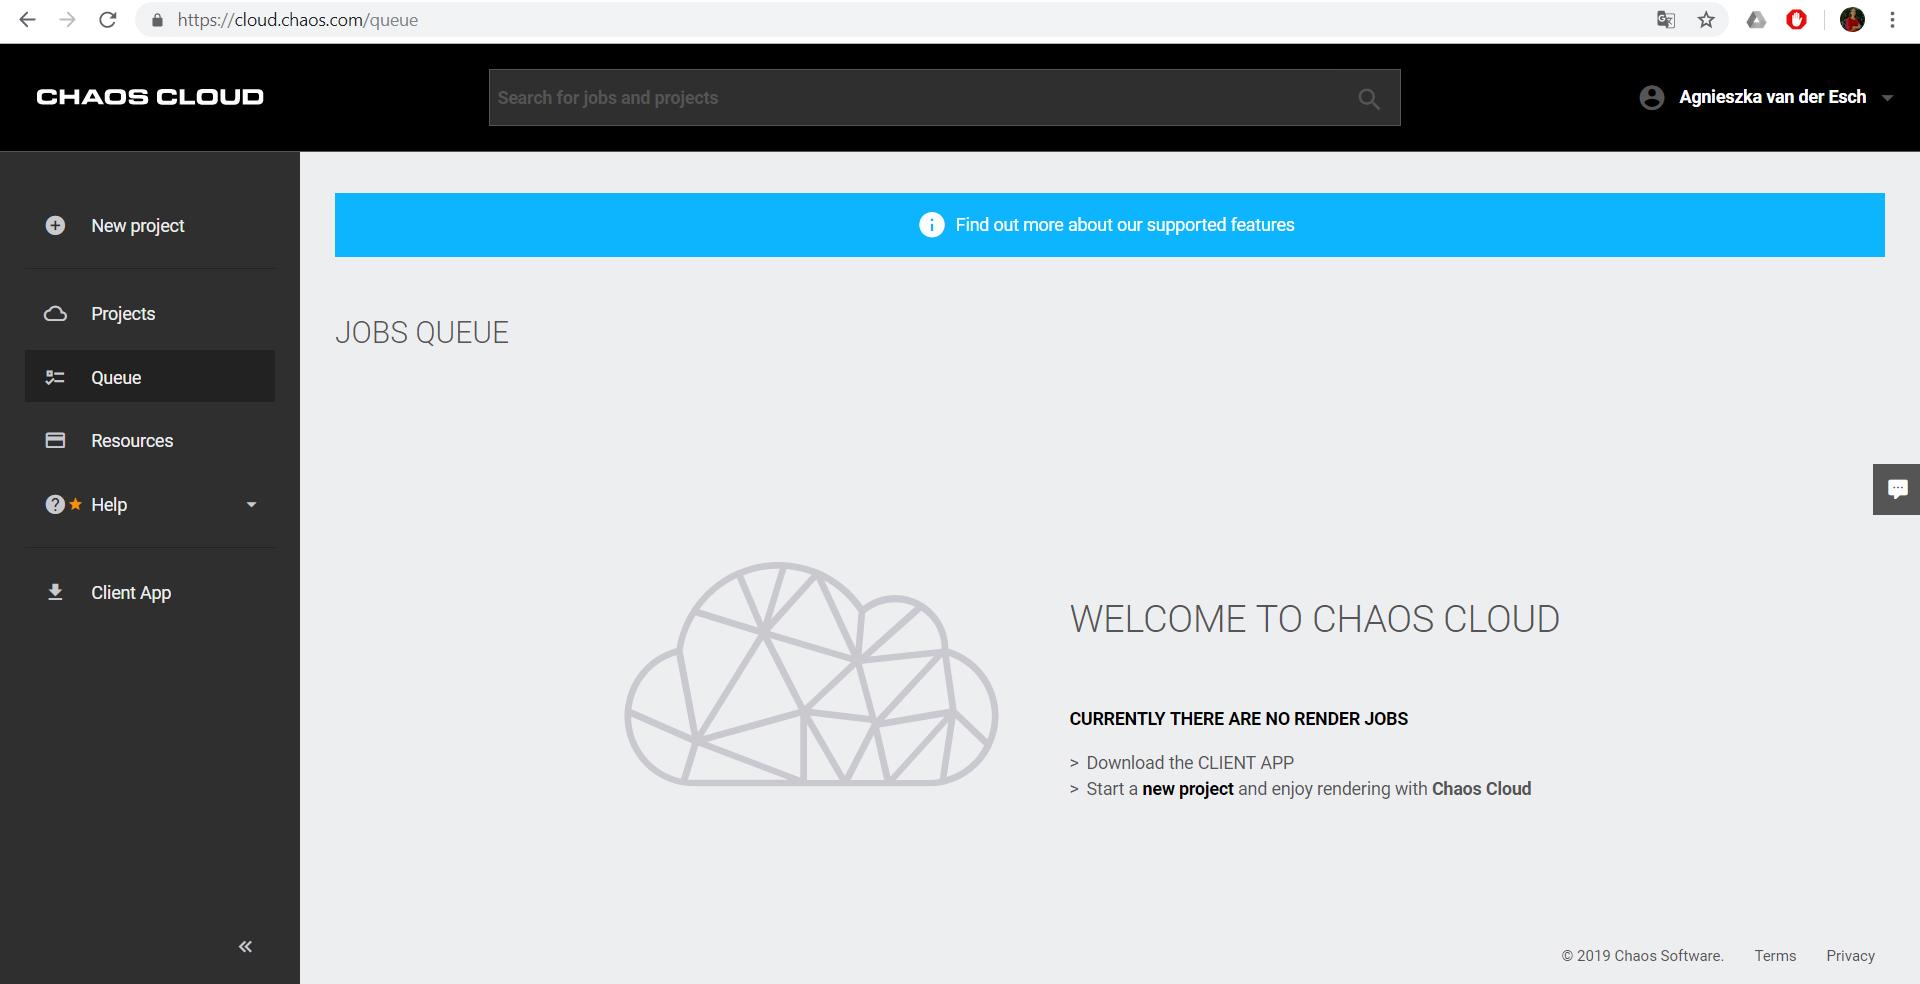 Vray Chaos Cloud ile kosztuje render w chmurze?